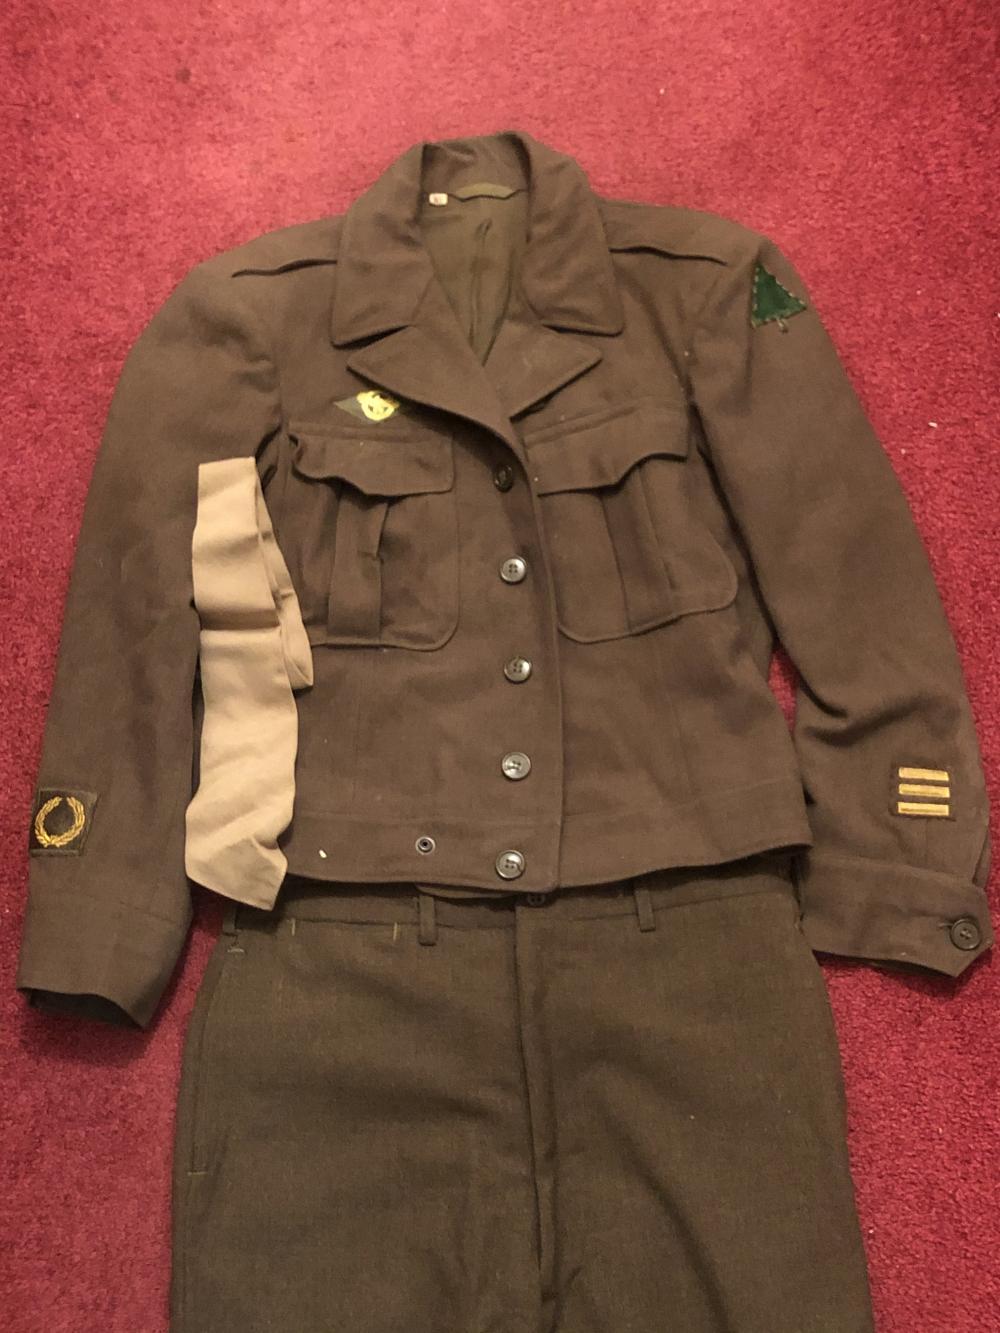 WWII U.S. army 91st infantry uniform